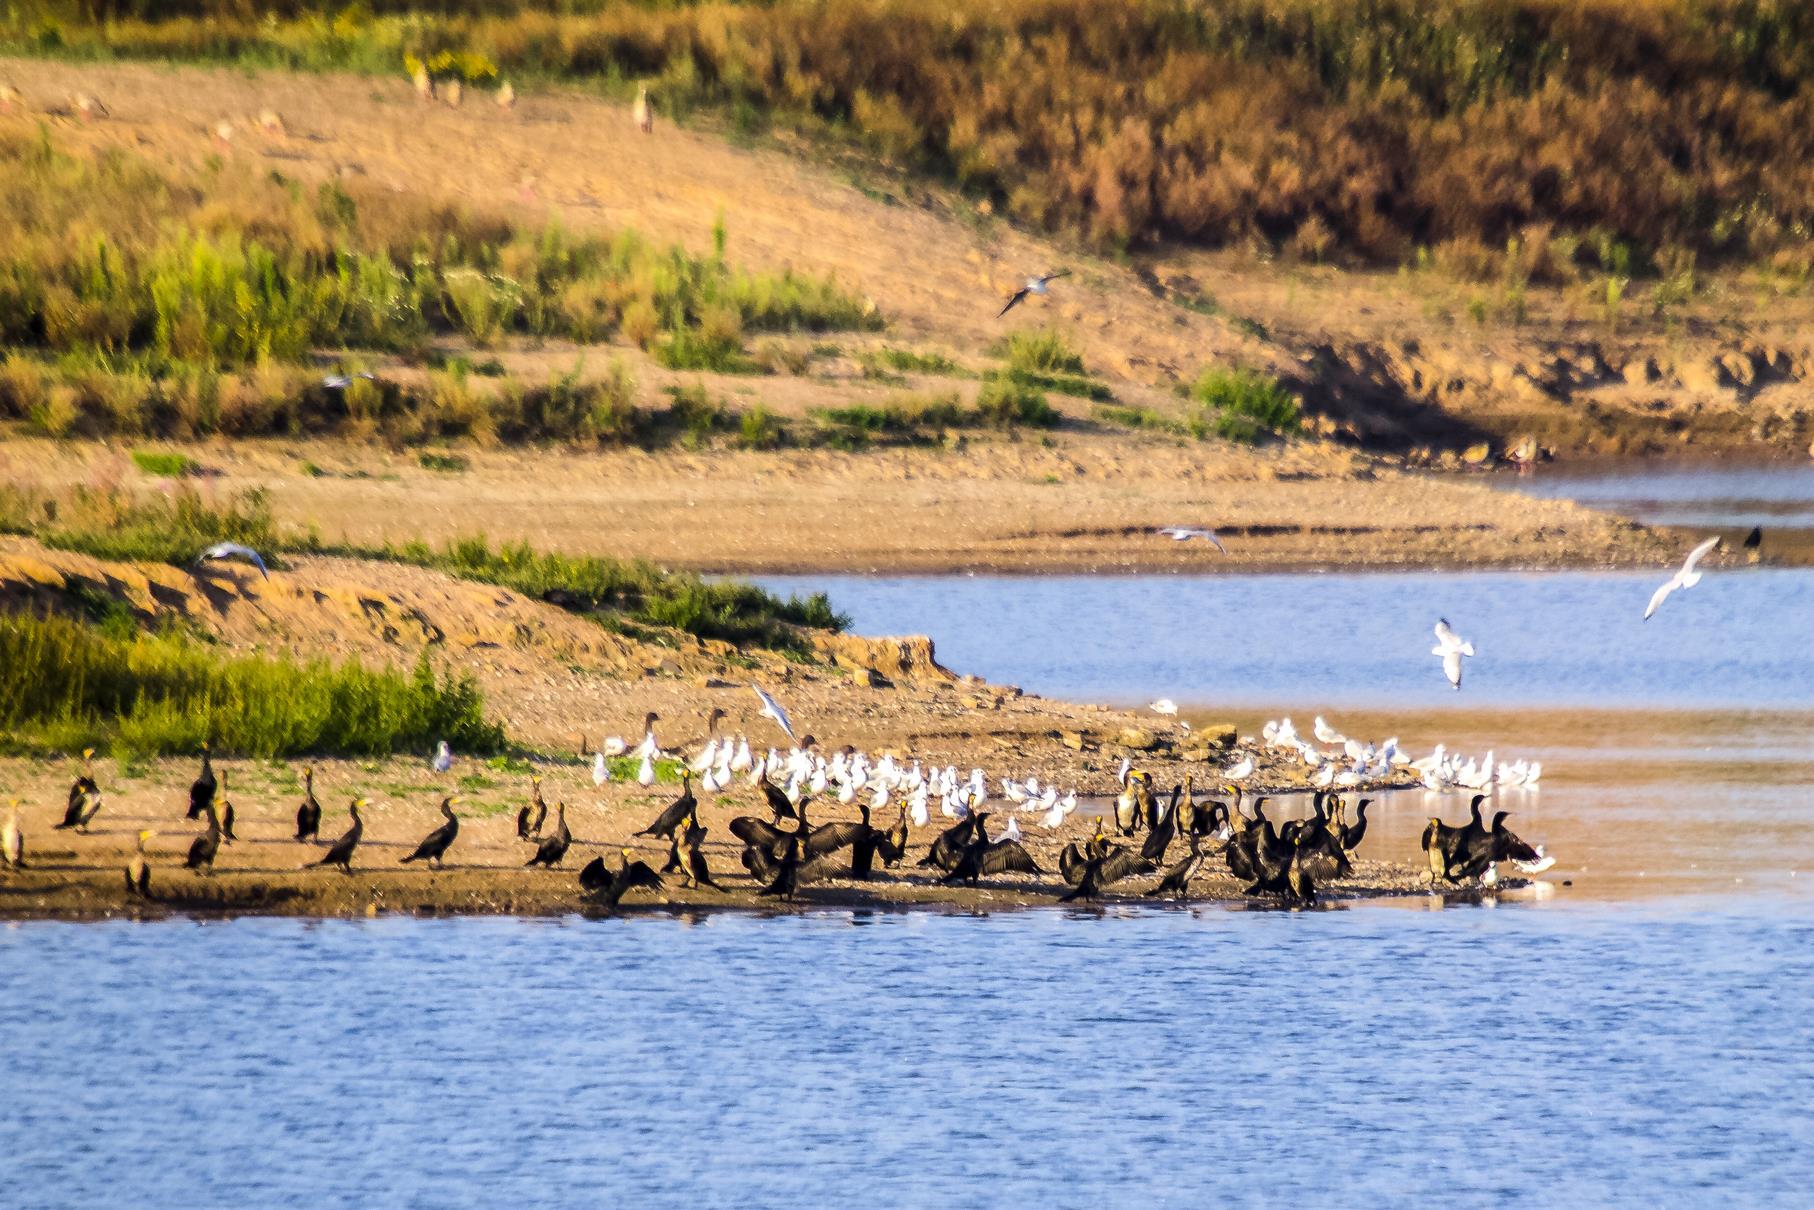 Möwen und Kormorane haben sich am Fuß der flachen Insel eingefunden.